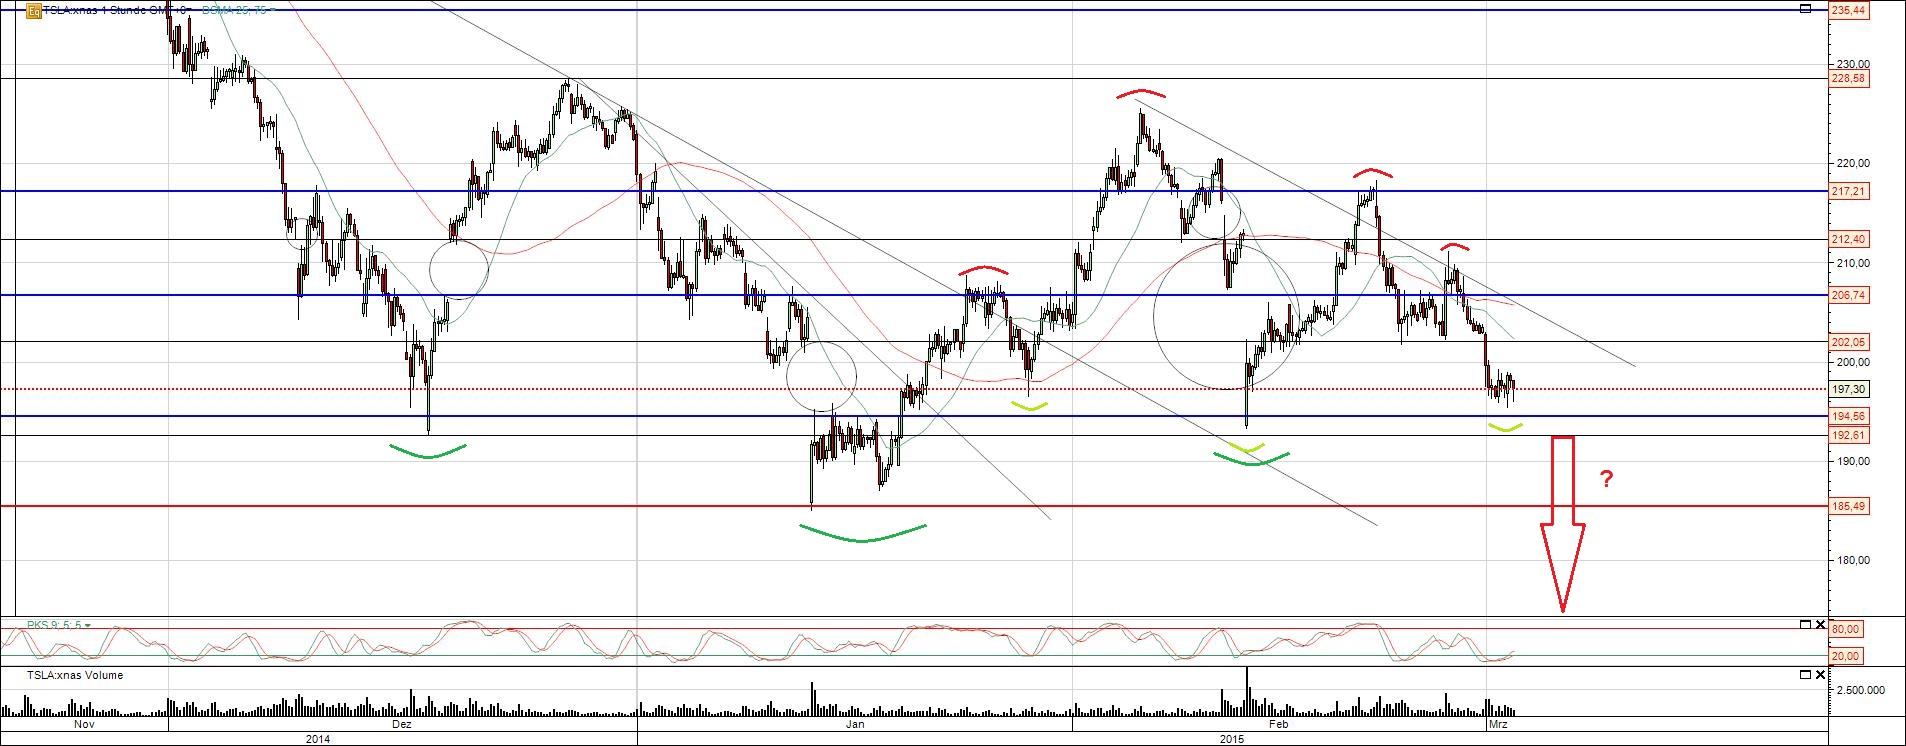 Tesla Chart Analyse Bodenbildung oder Absturz